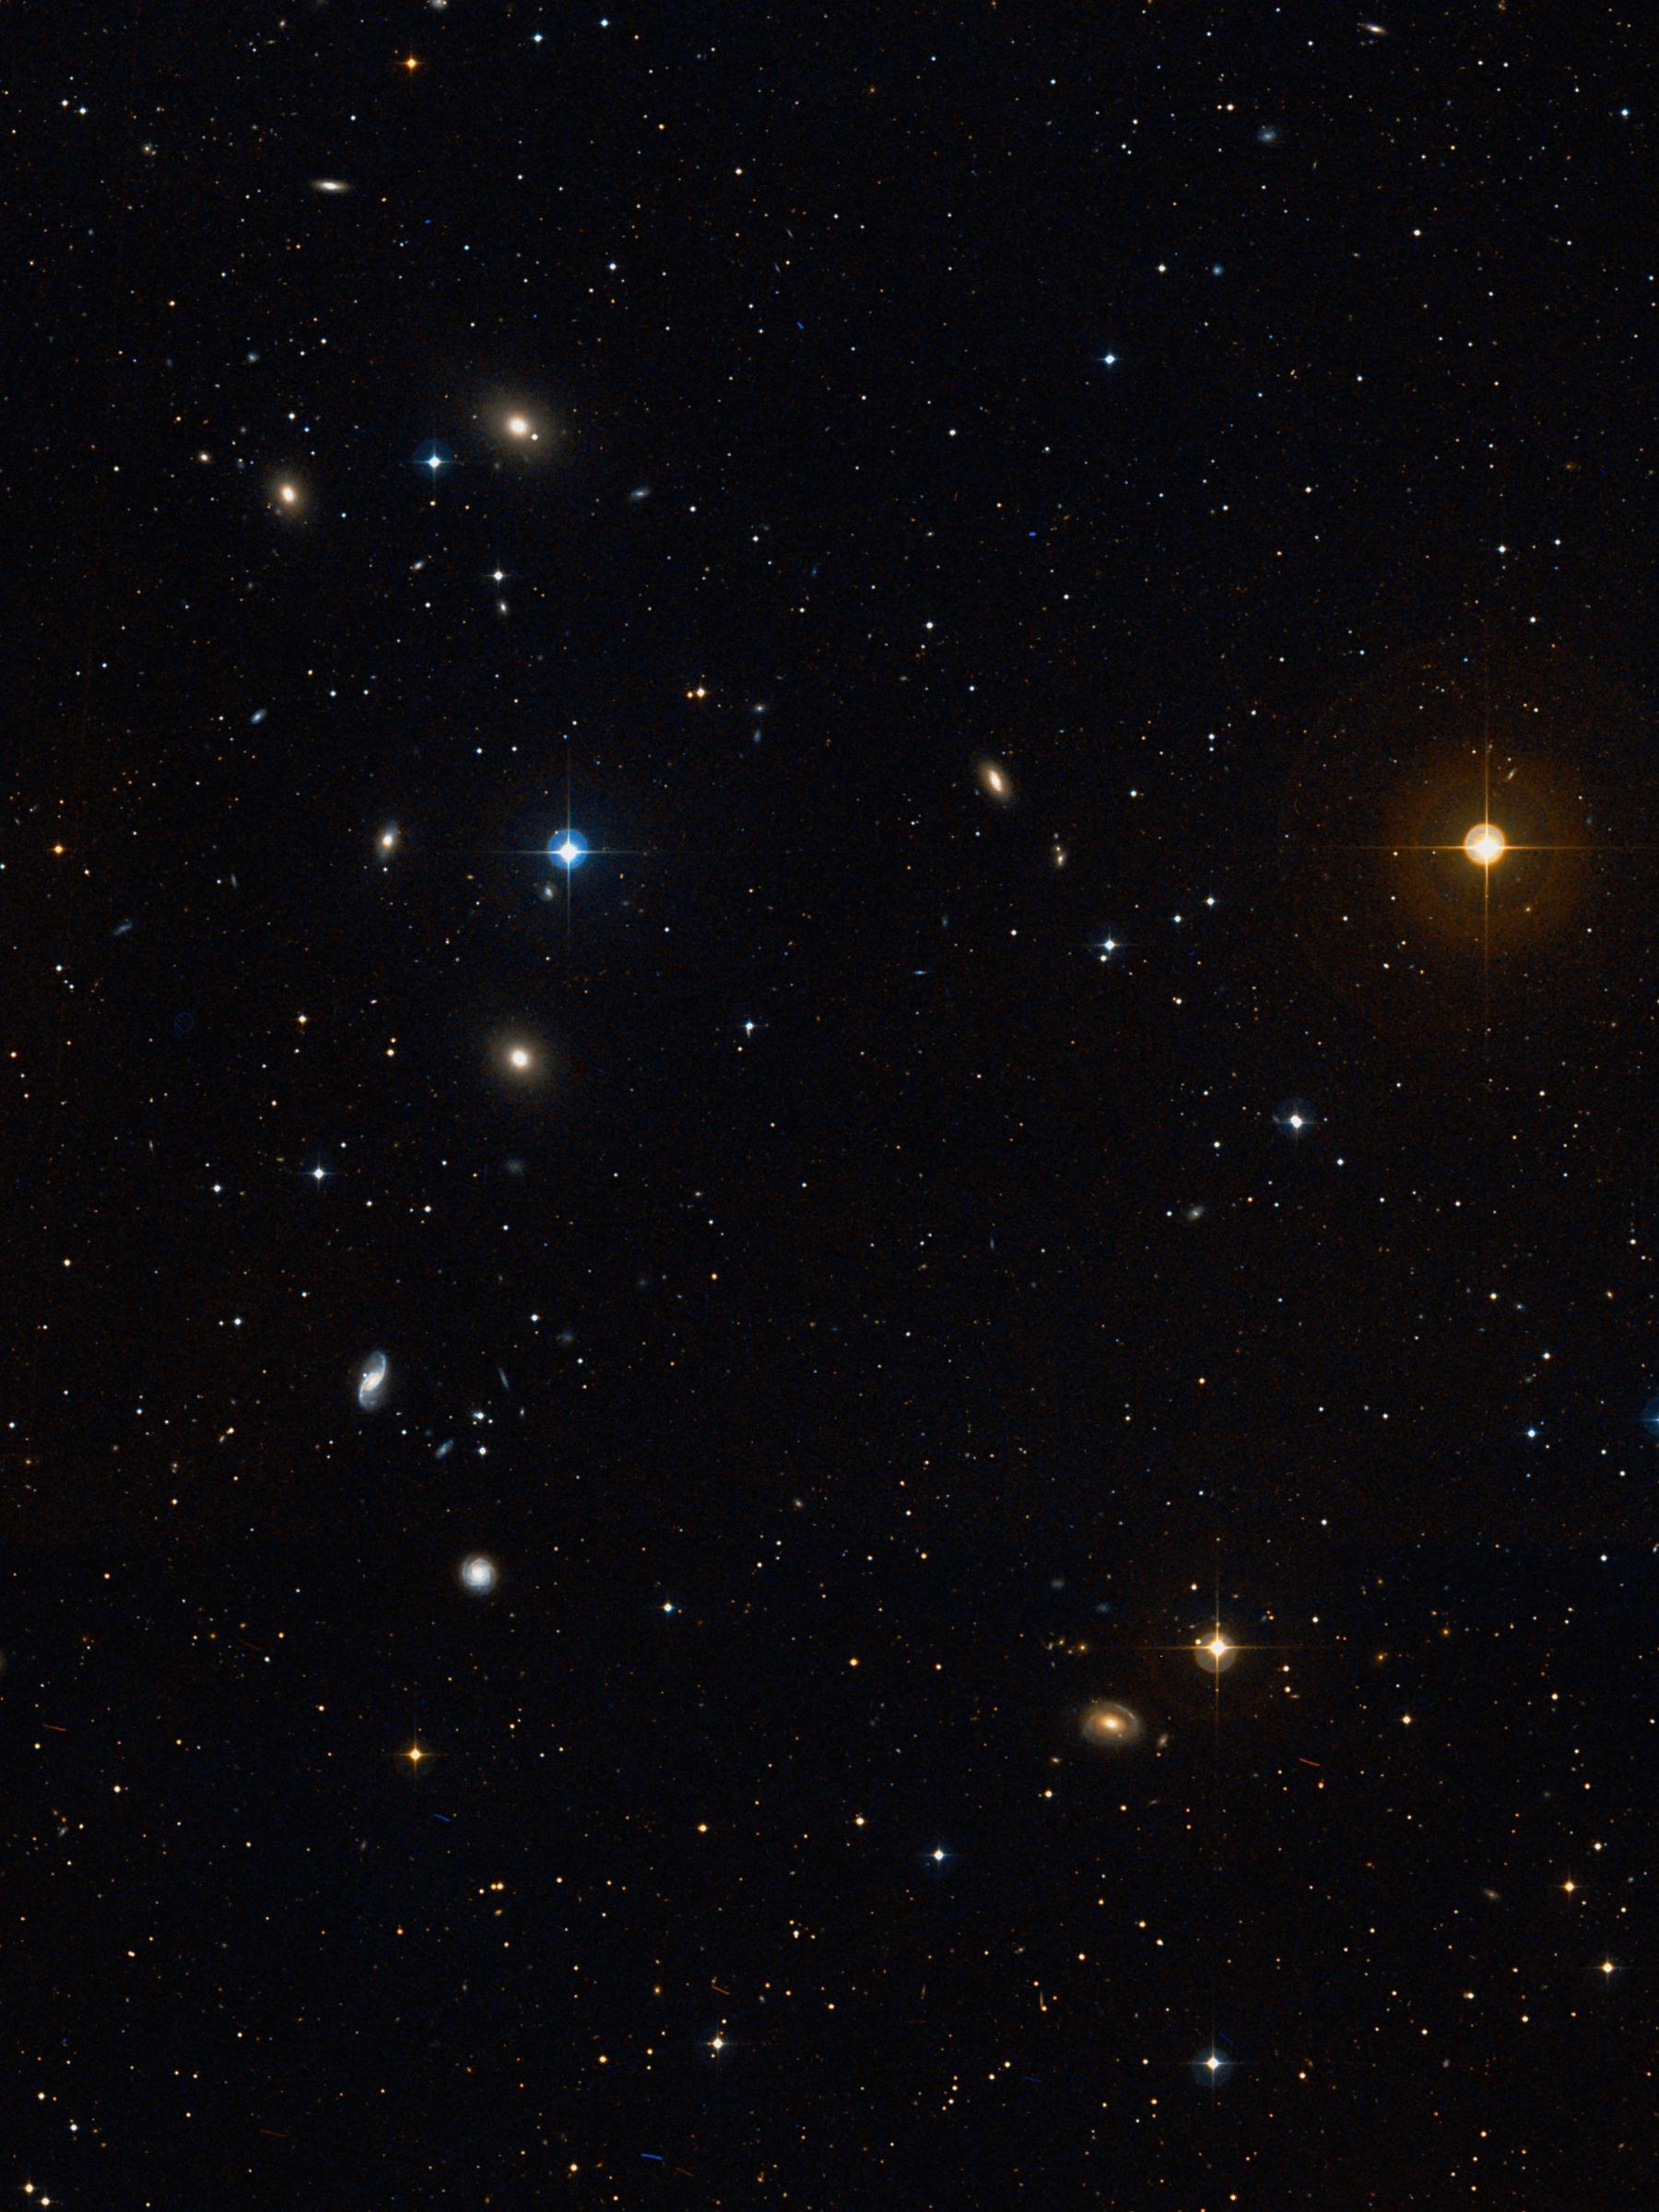 NGC 194 Group